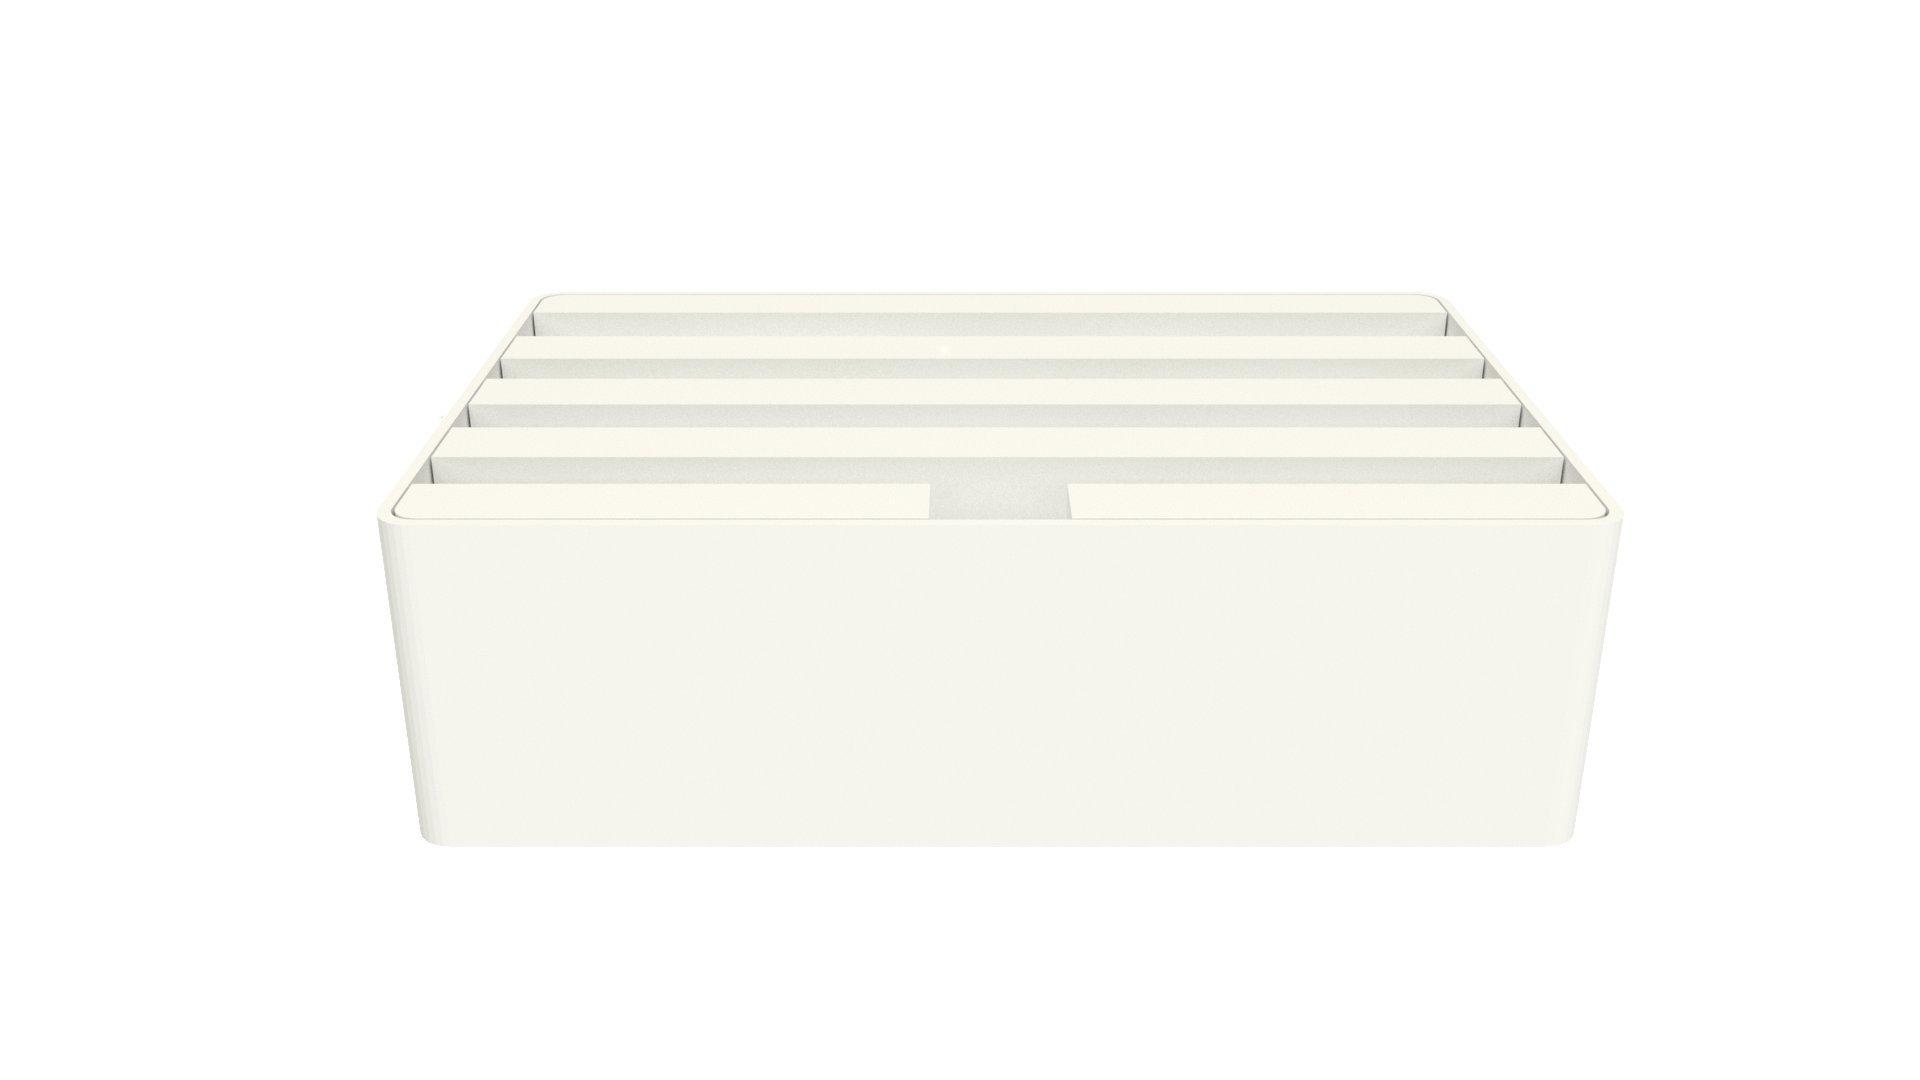 Medium White Base with White Top (White / White) by ALLDOCK (Image #2)